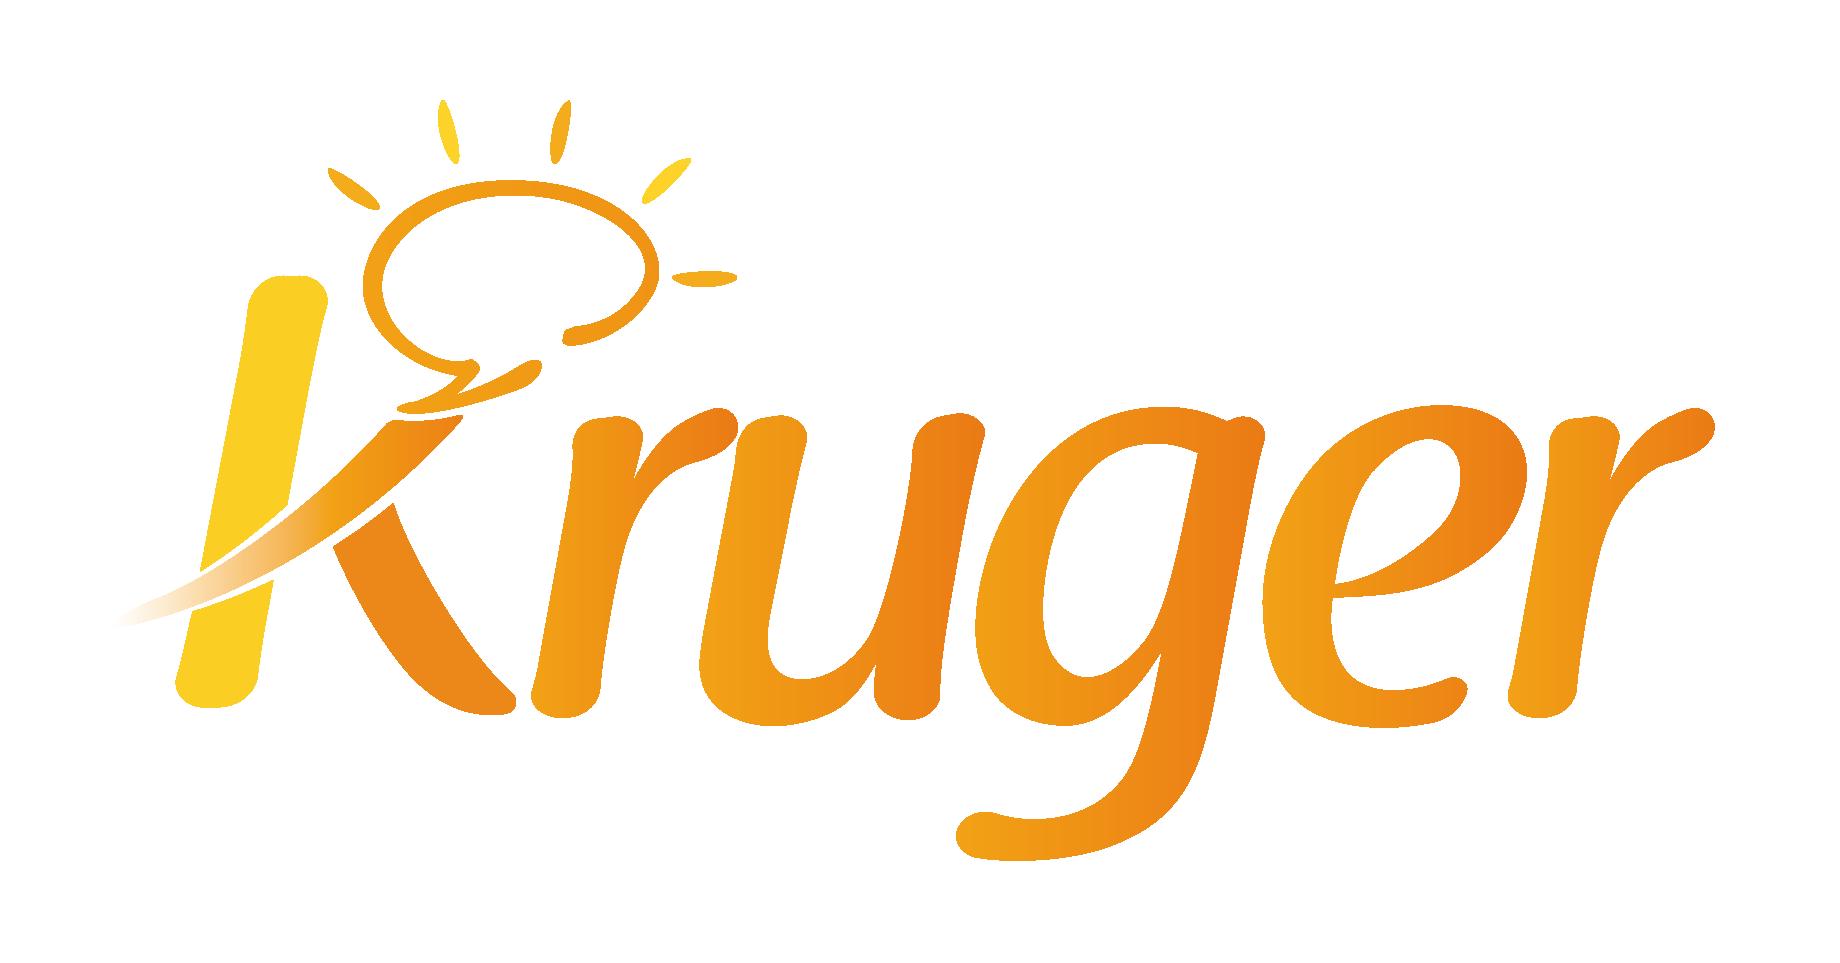 logokrugercolor-01.png